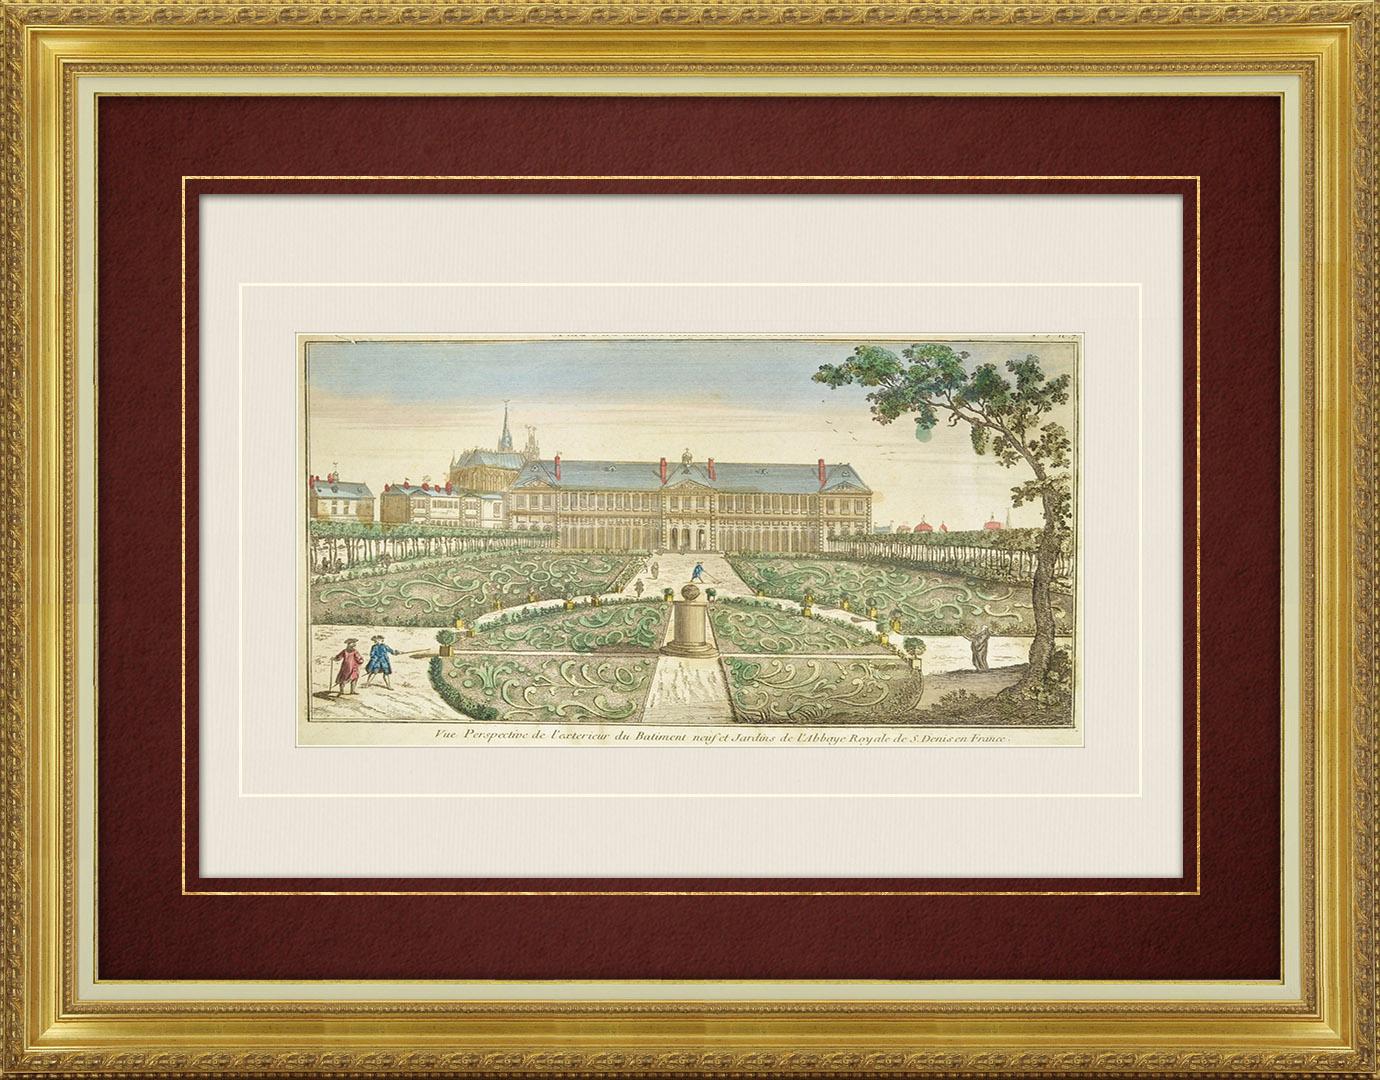 Vue d'optique du 18e siècle en coloris d'époque de l'Abbaye Royale de Saint-Denis et des Jardins (France)